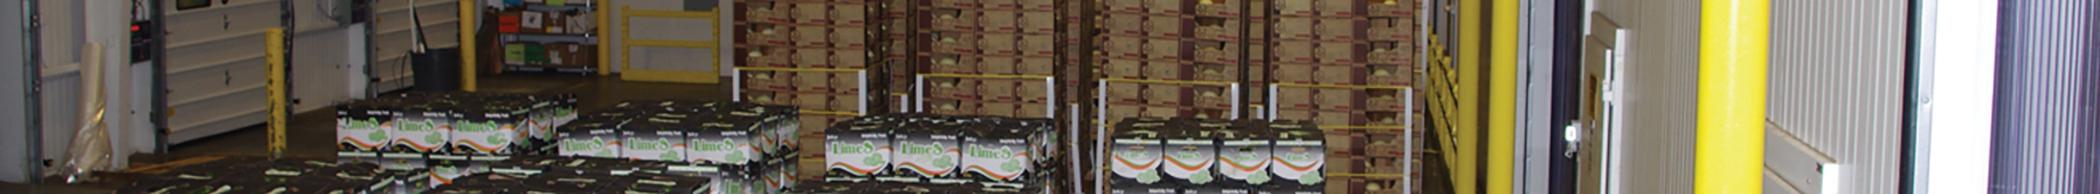 Crossdock freshouse for Freshouse foods